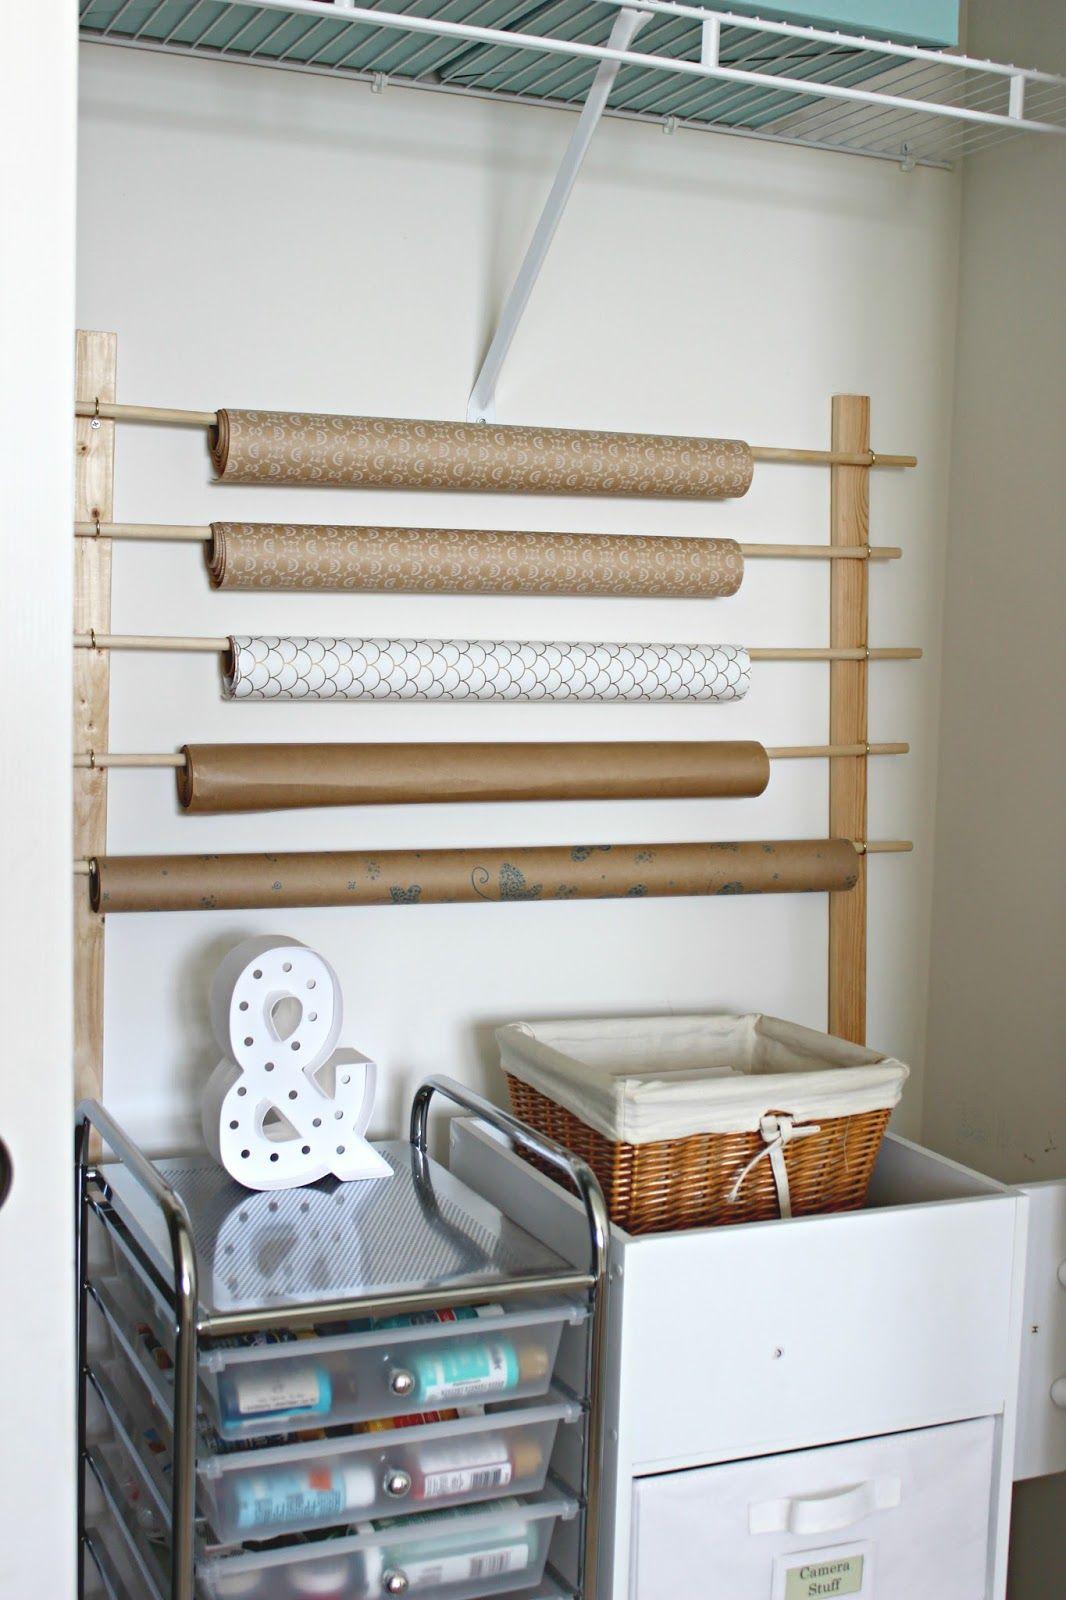 Diy wrapping paper storage diy storage diy wrapping